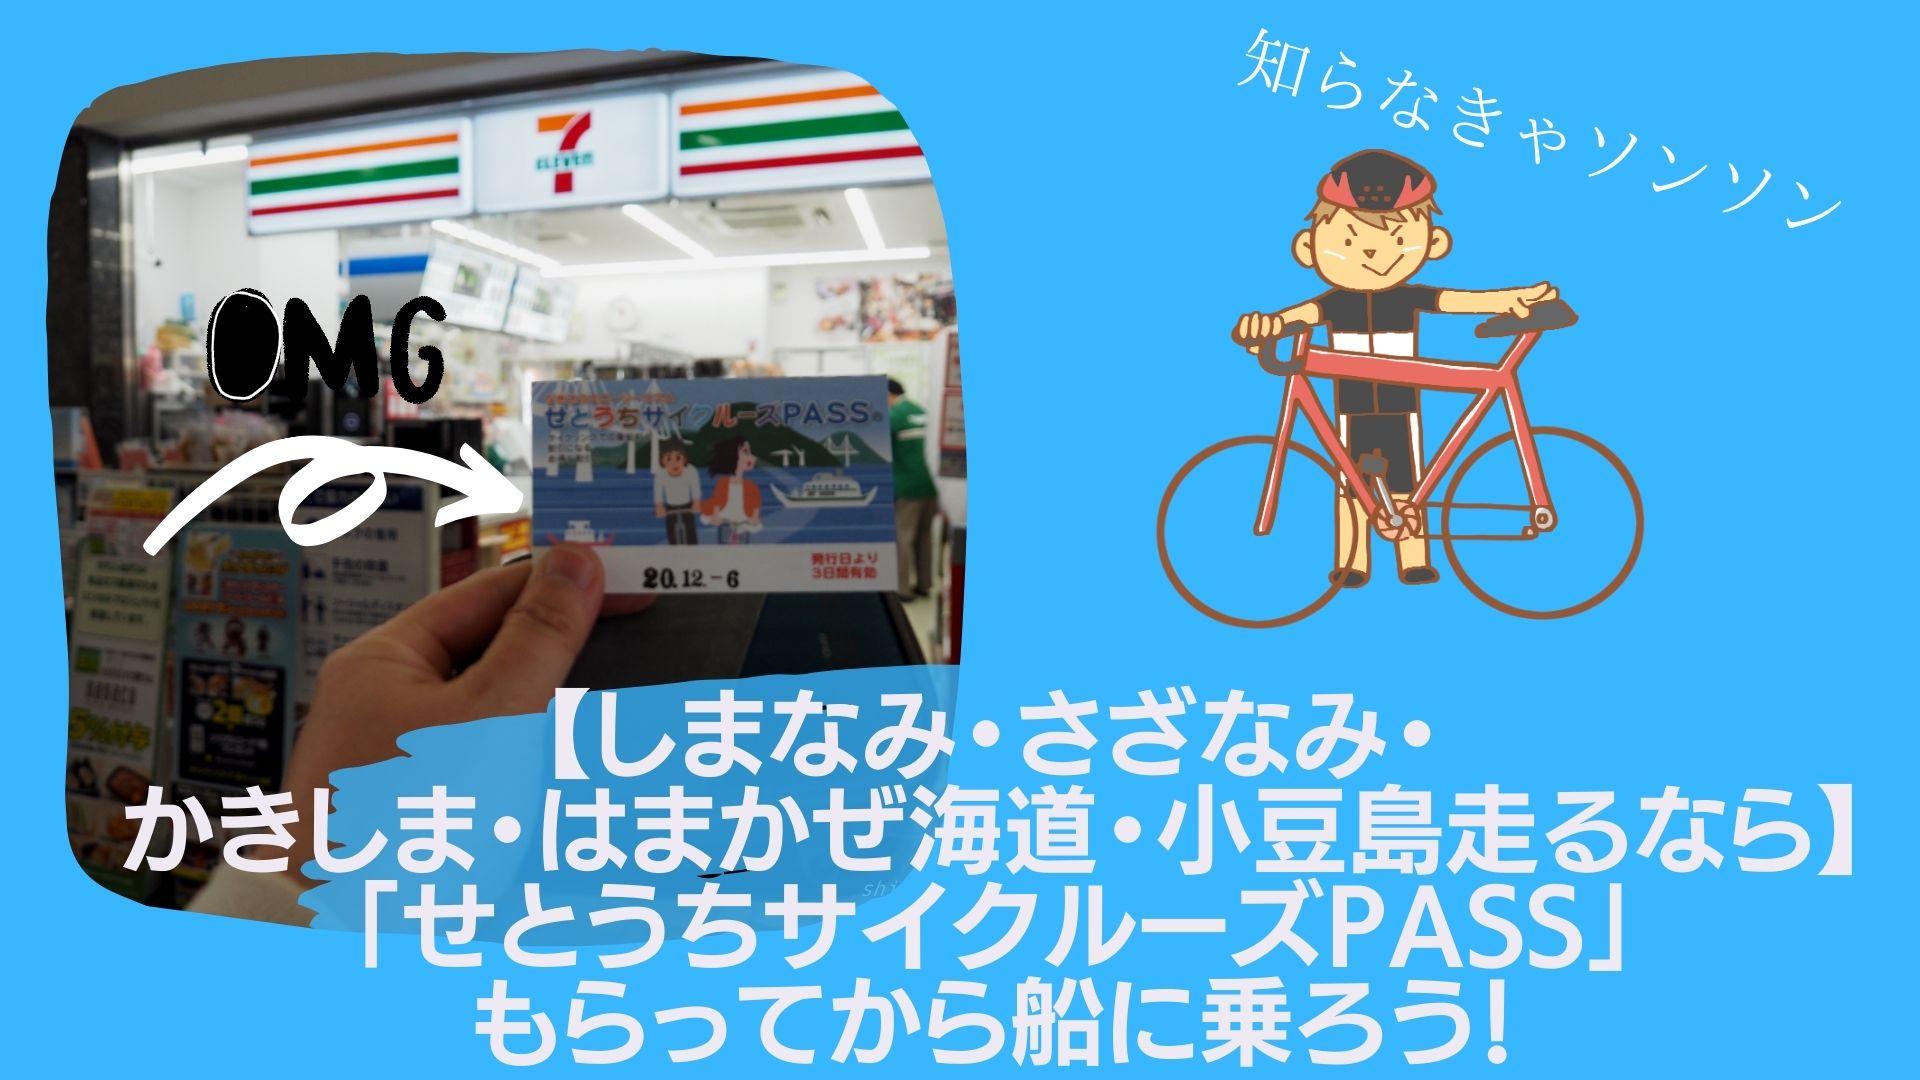 【しまなみ・さざなみ・かきしま・はまかぜ海道・小豆島走るなら】「せとうちサイクルーズPASS」もらってから船に乗ろう!